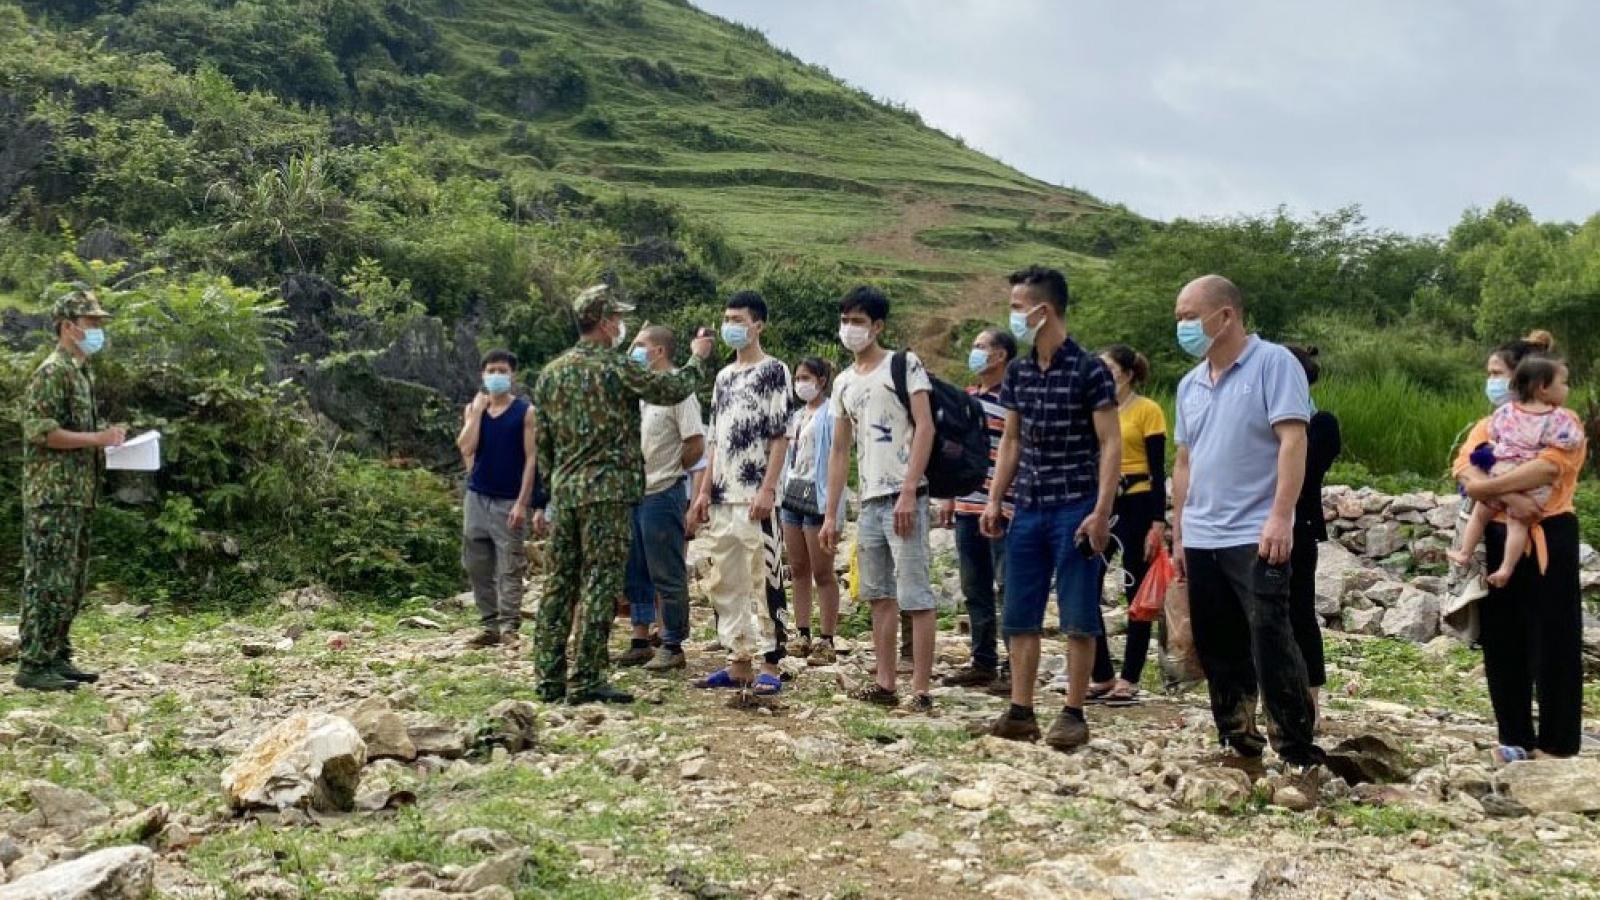 15 người nhập cảnh trái phép từ Trung Quốc